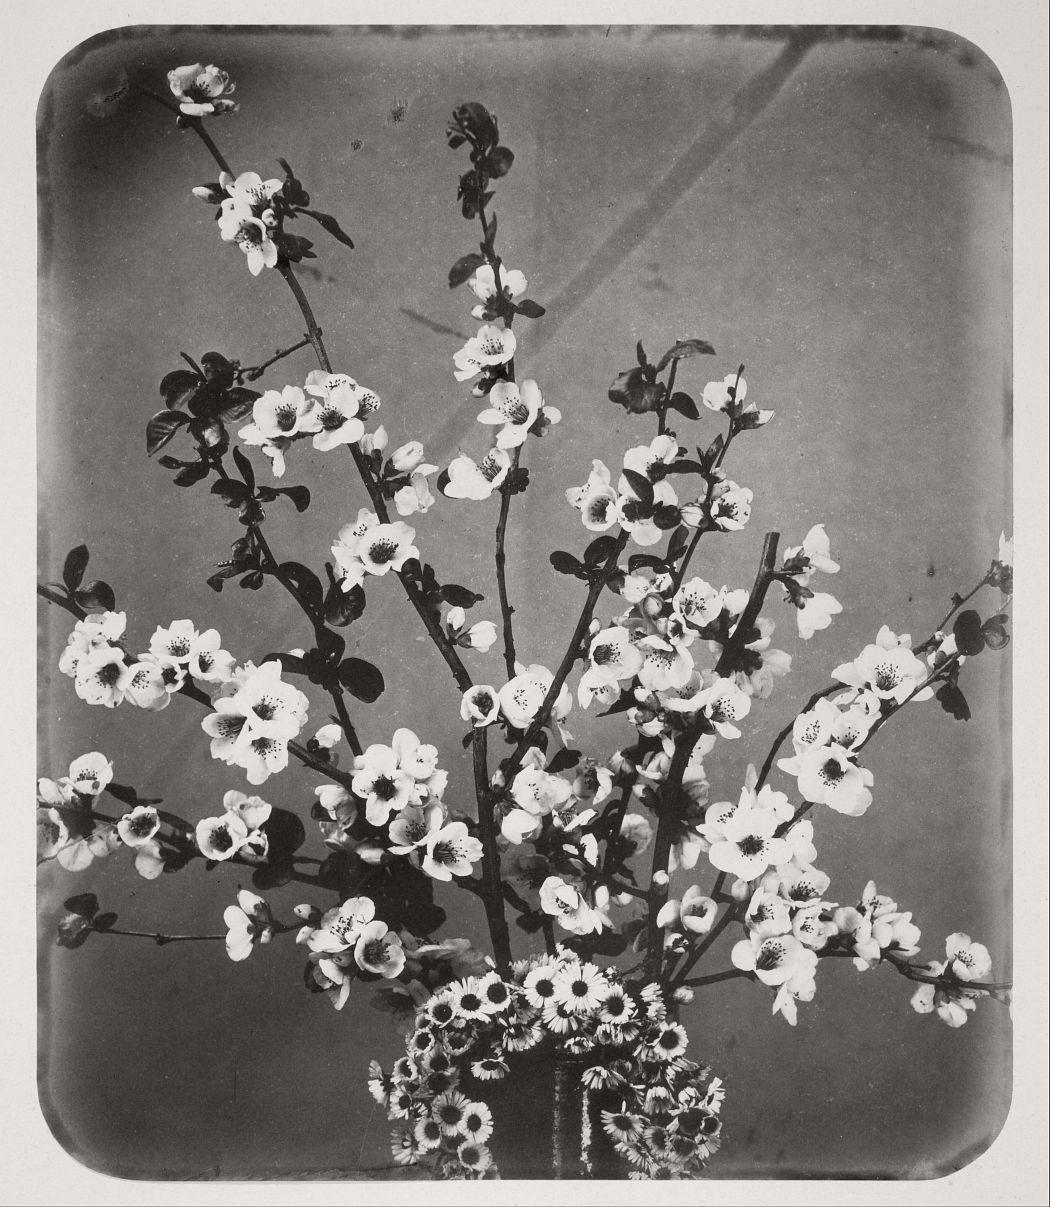 Floral Still Life, 1852.